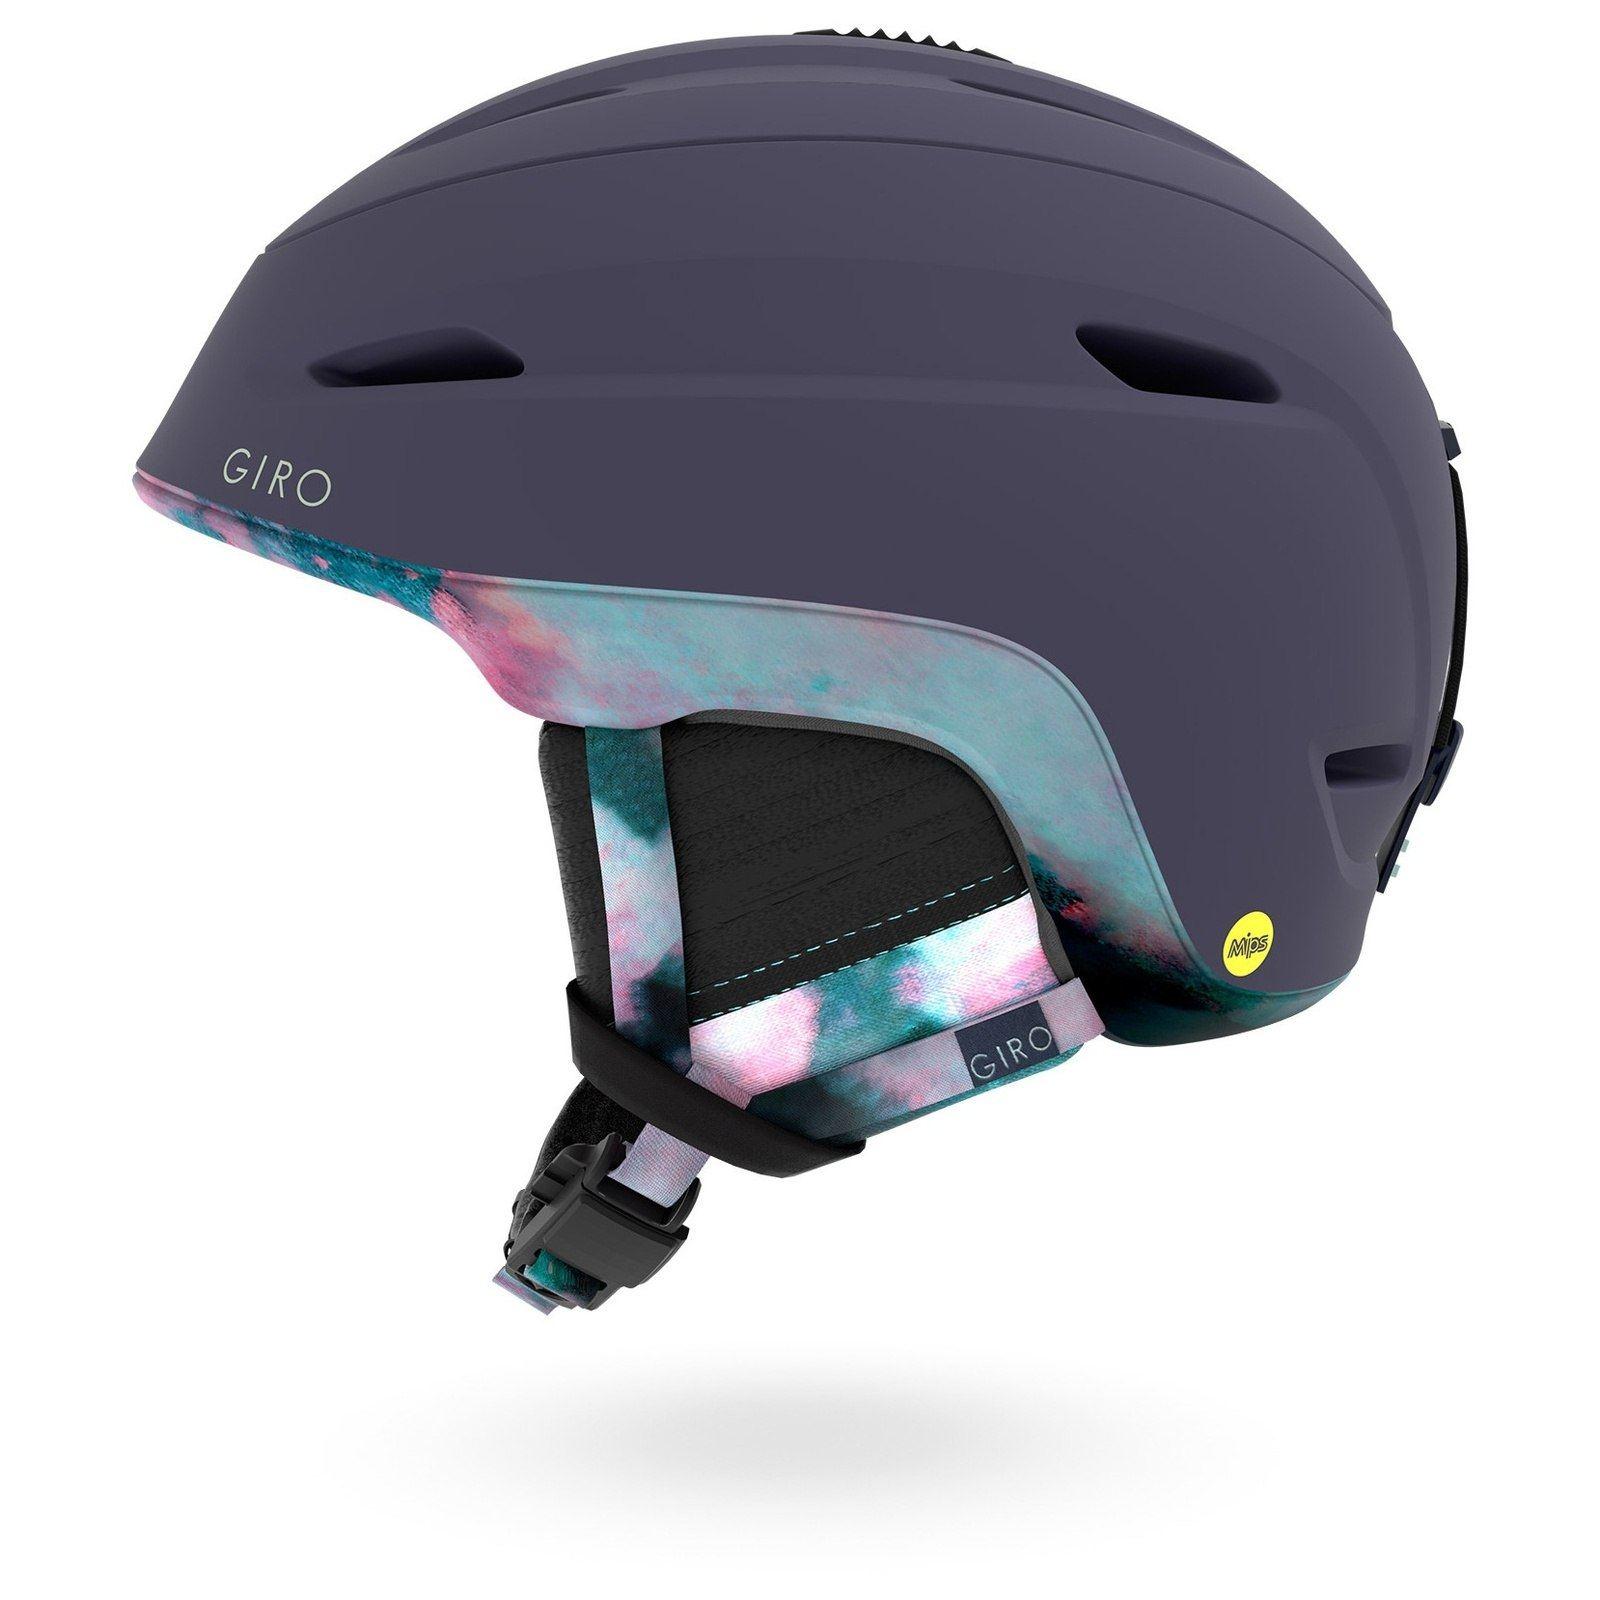 Giro Women s Strata MIPS Ski Helmet on Sale  a9e7d6b5e